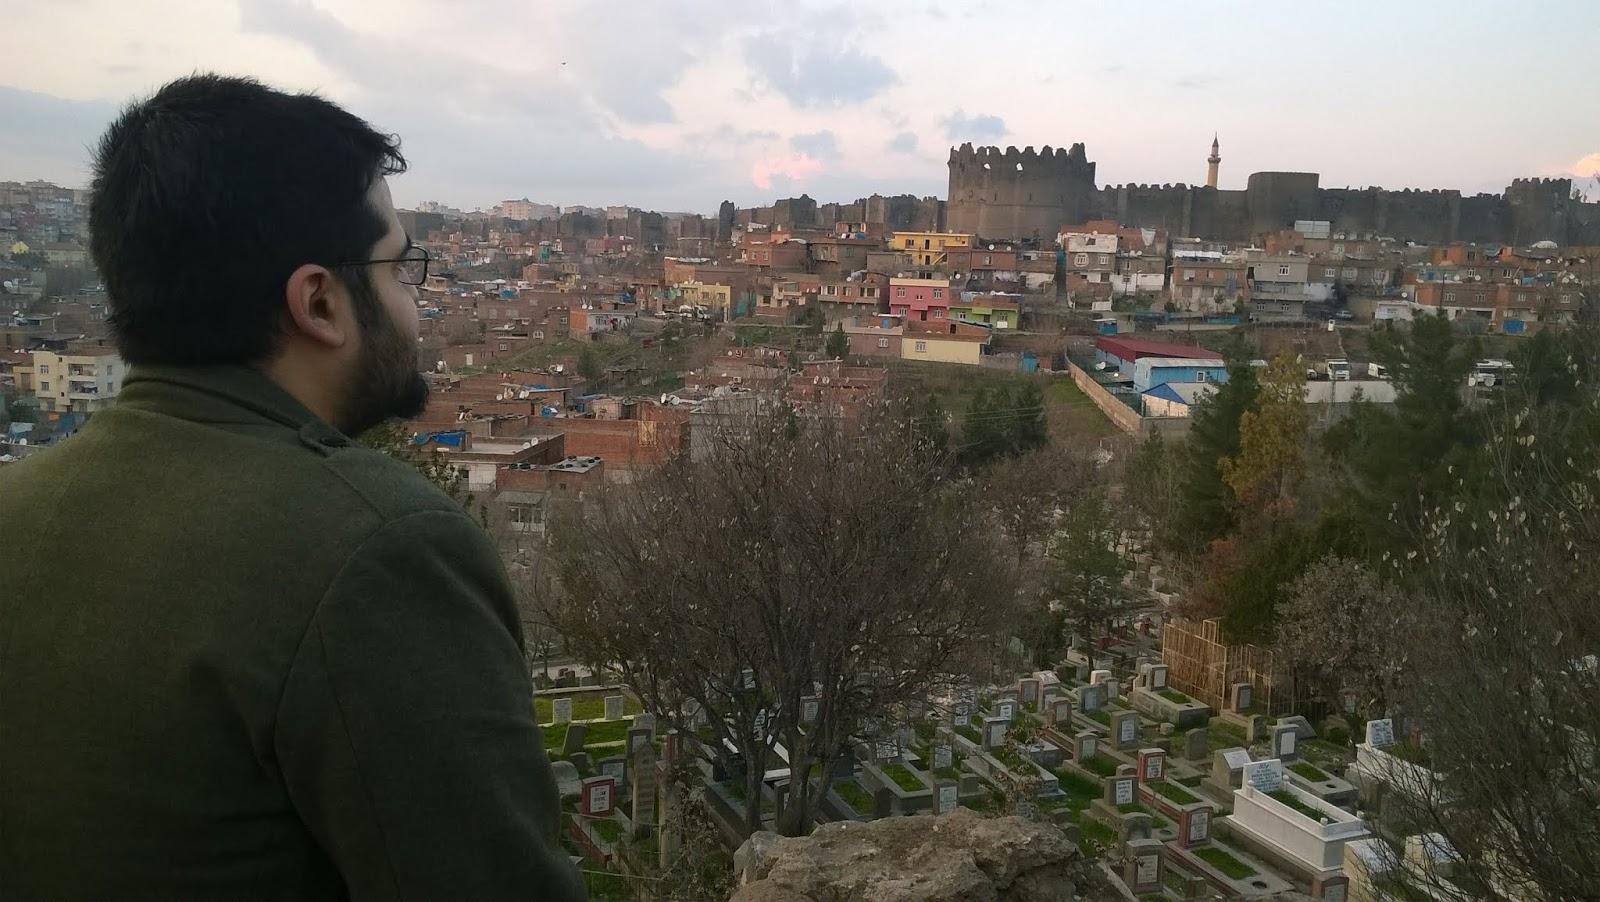 A%2B%252833%2529 - Şair Bilal Yavuz'dan şiirler